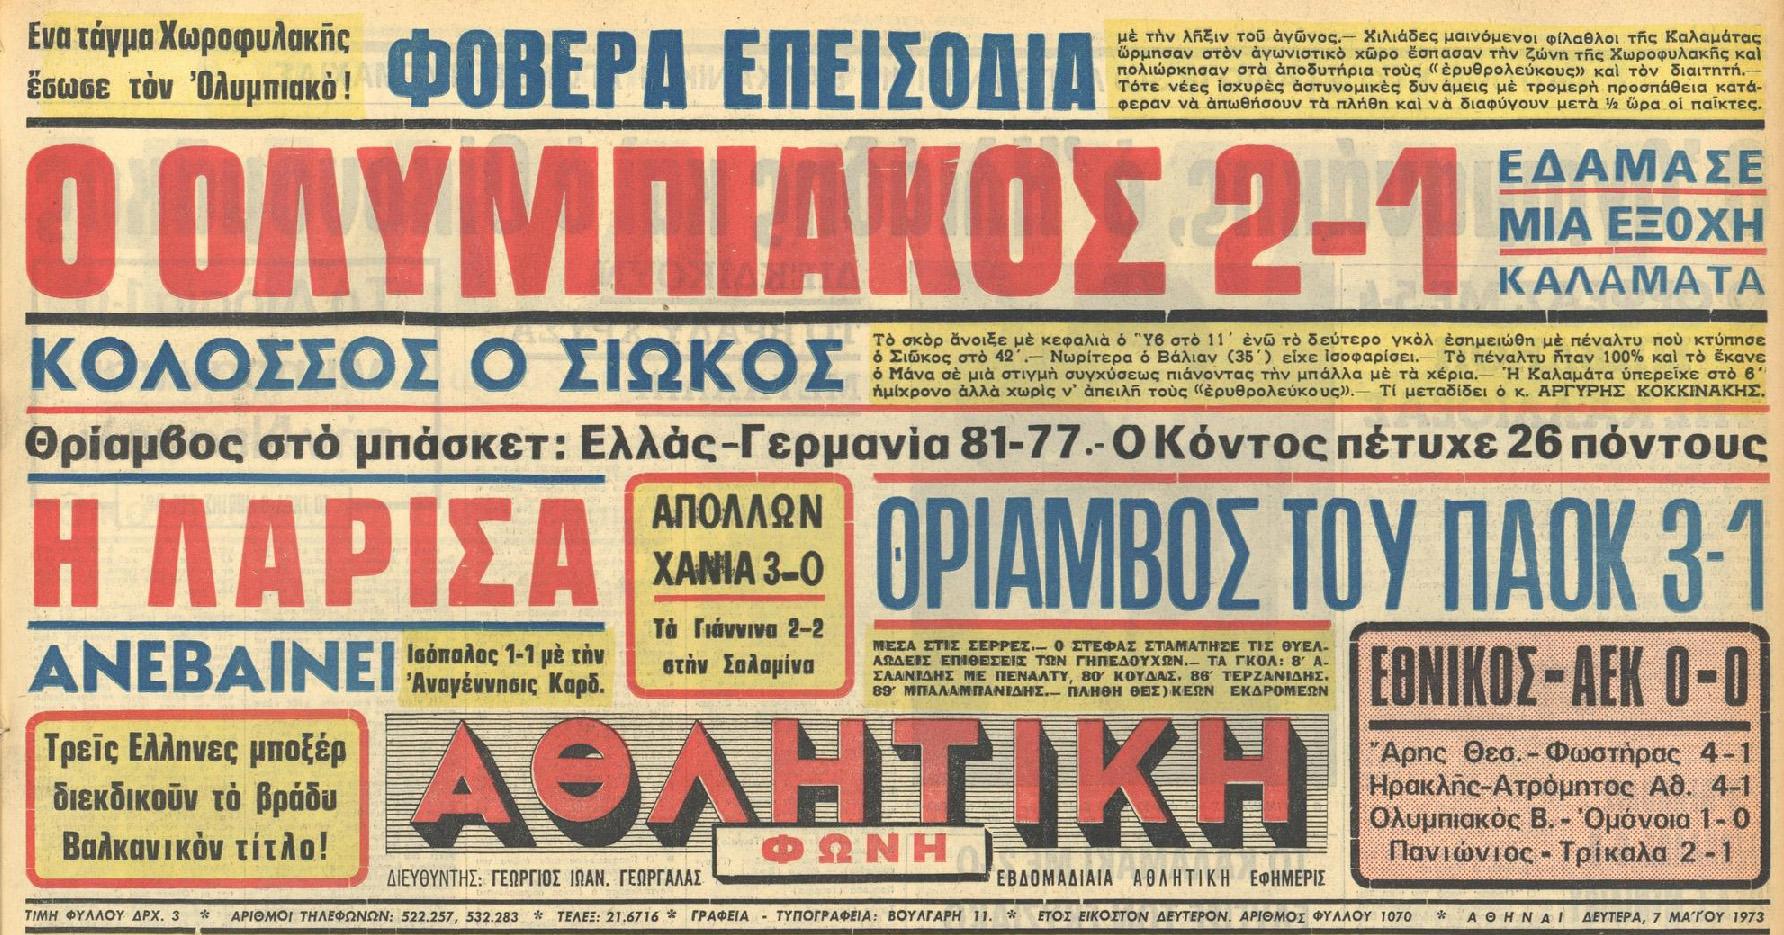 , Σαν σήμερα (6/5) το 1973: Ο Ολυμπιακός 2-1 την Καλαμάτα σε επεισοδιακό ματς στο Μεσσηνιακού (φωτ.)